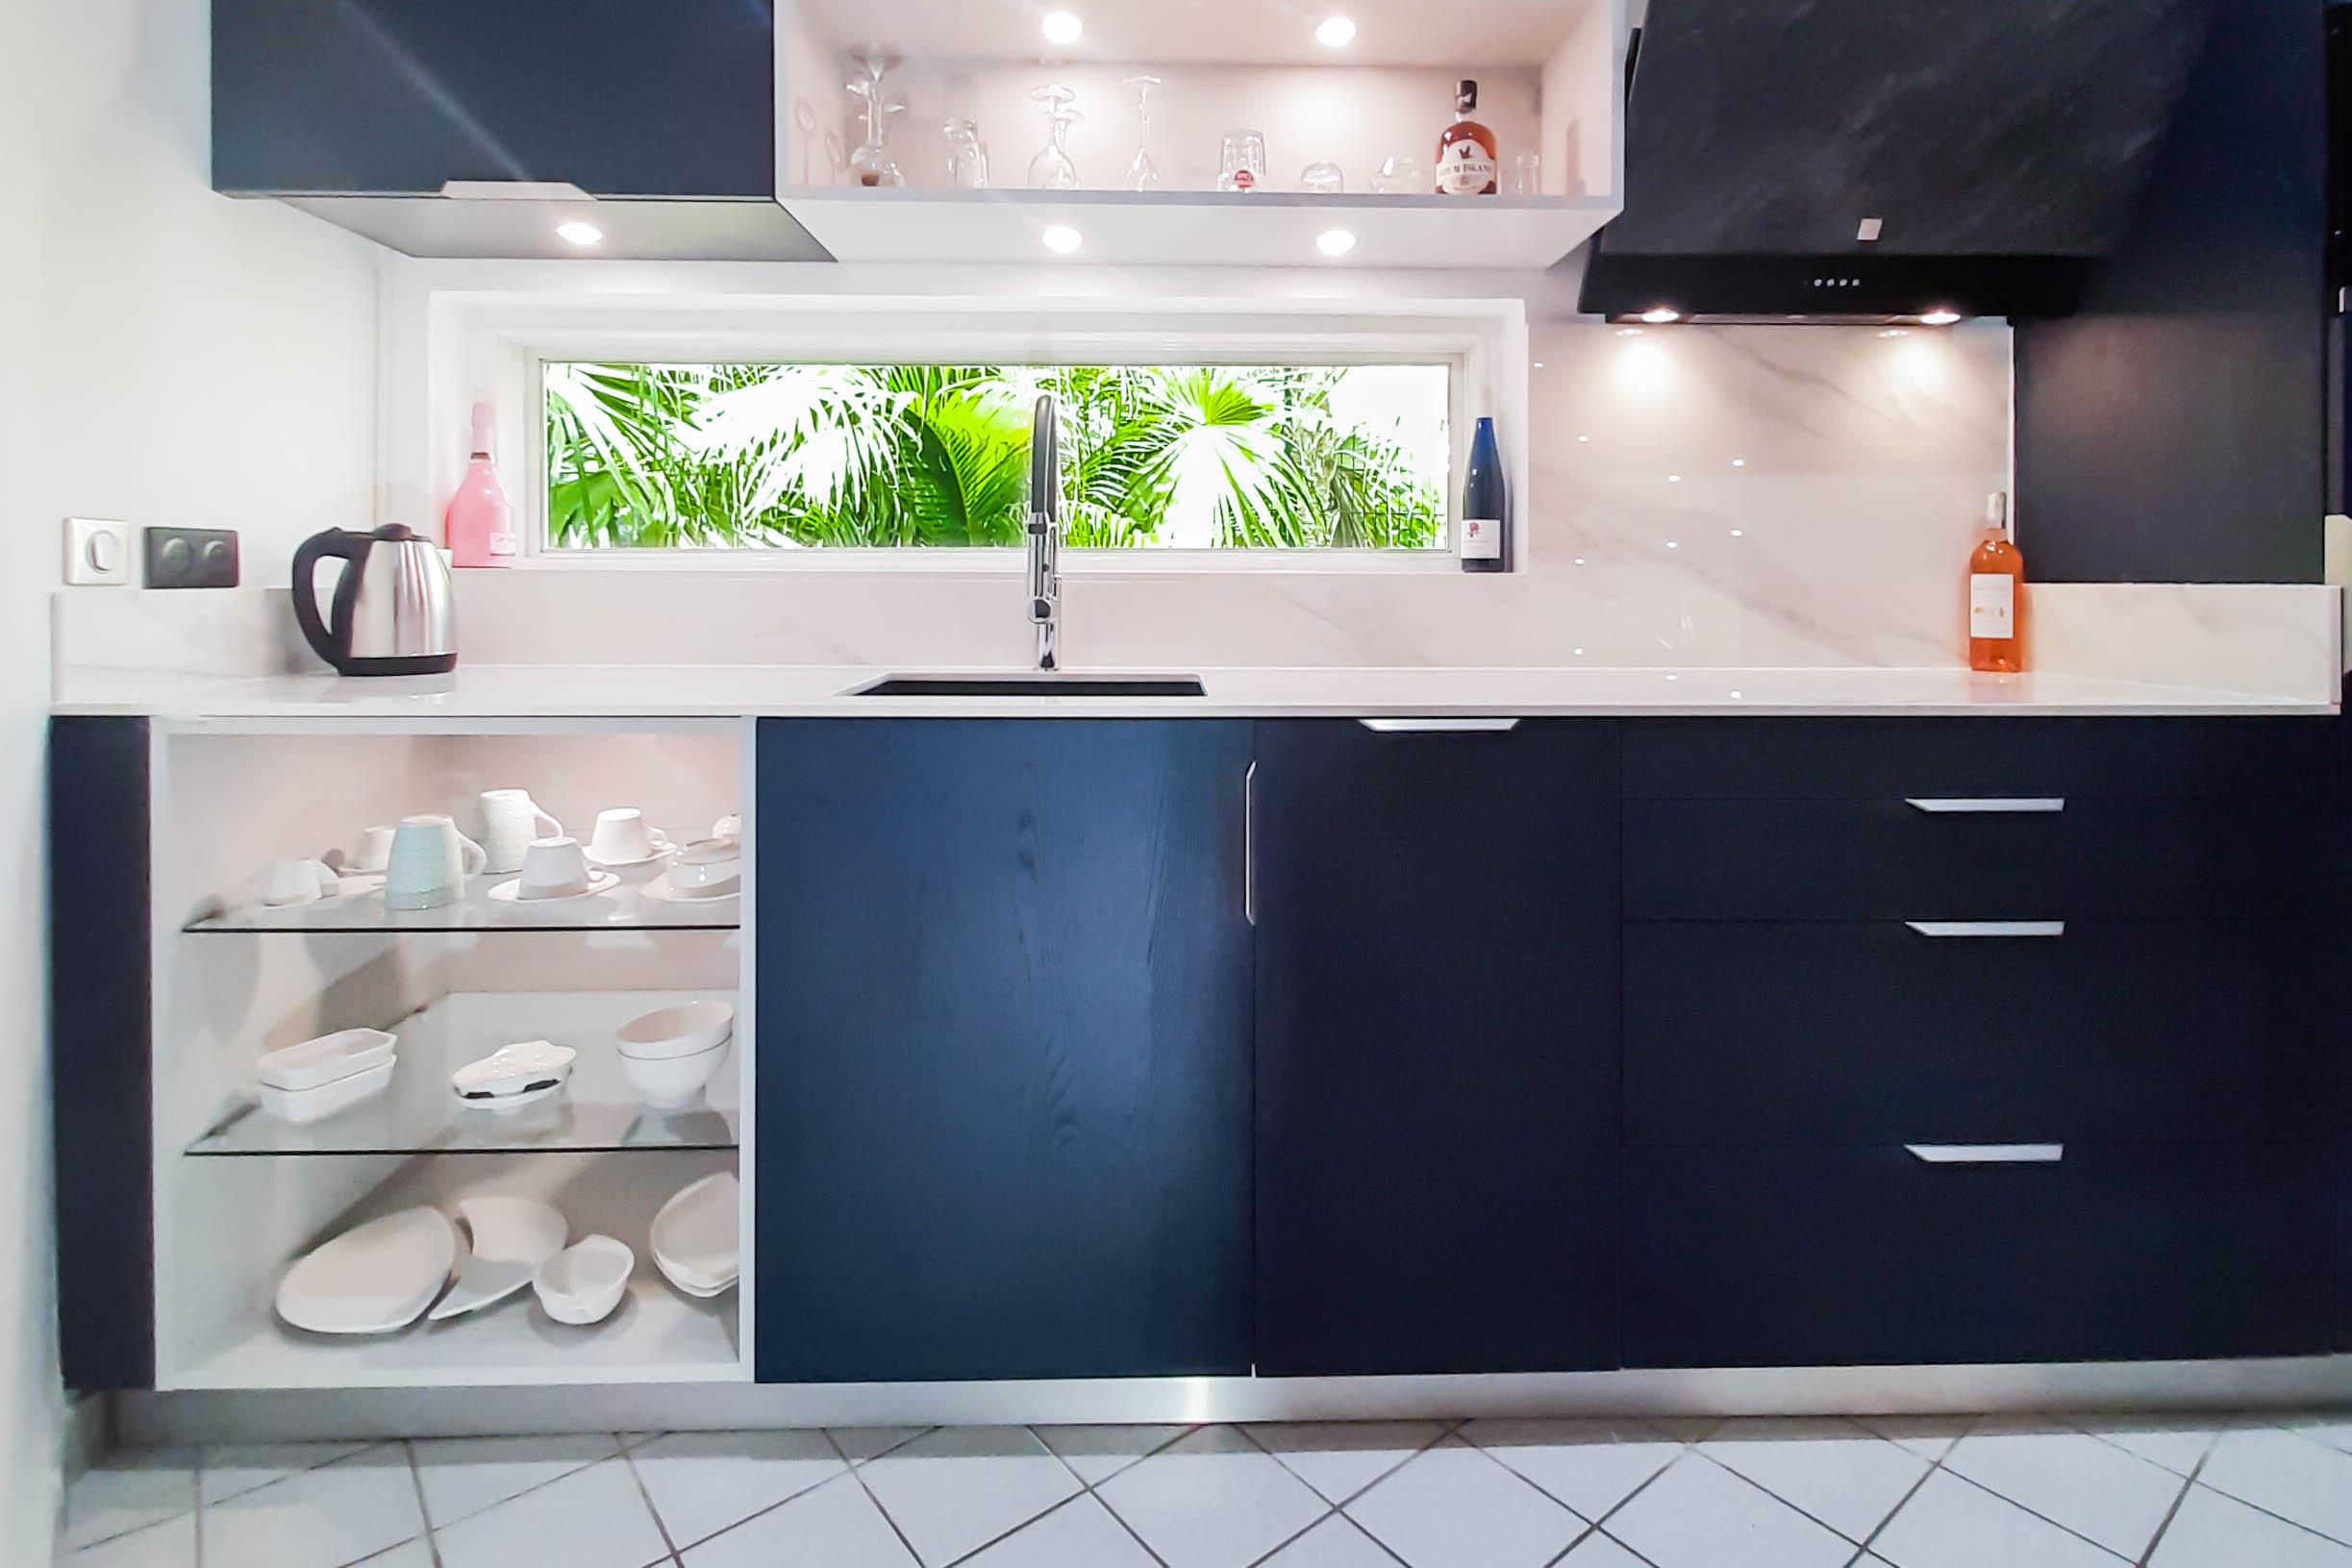 Cuisine Master avec plaque à induction nouvelle génération intégrée dans le plan de travail en céramique - exclusivité CooKing RAK